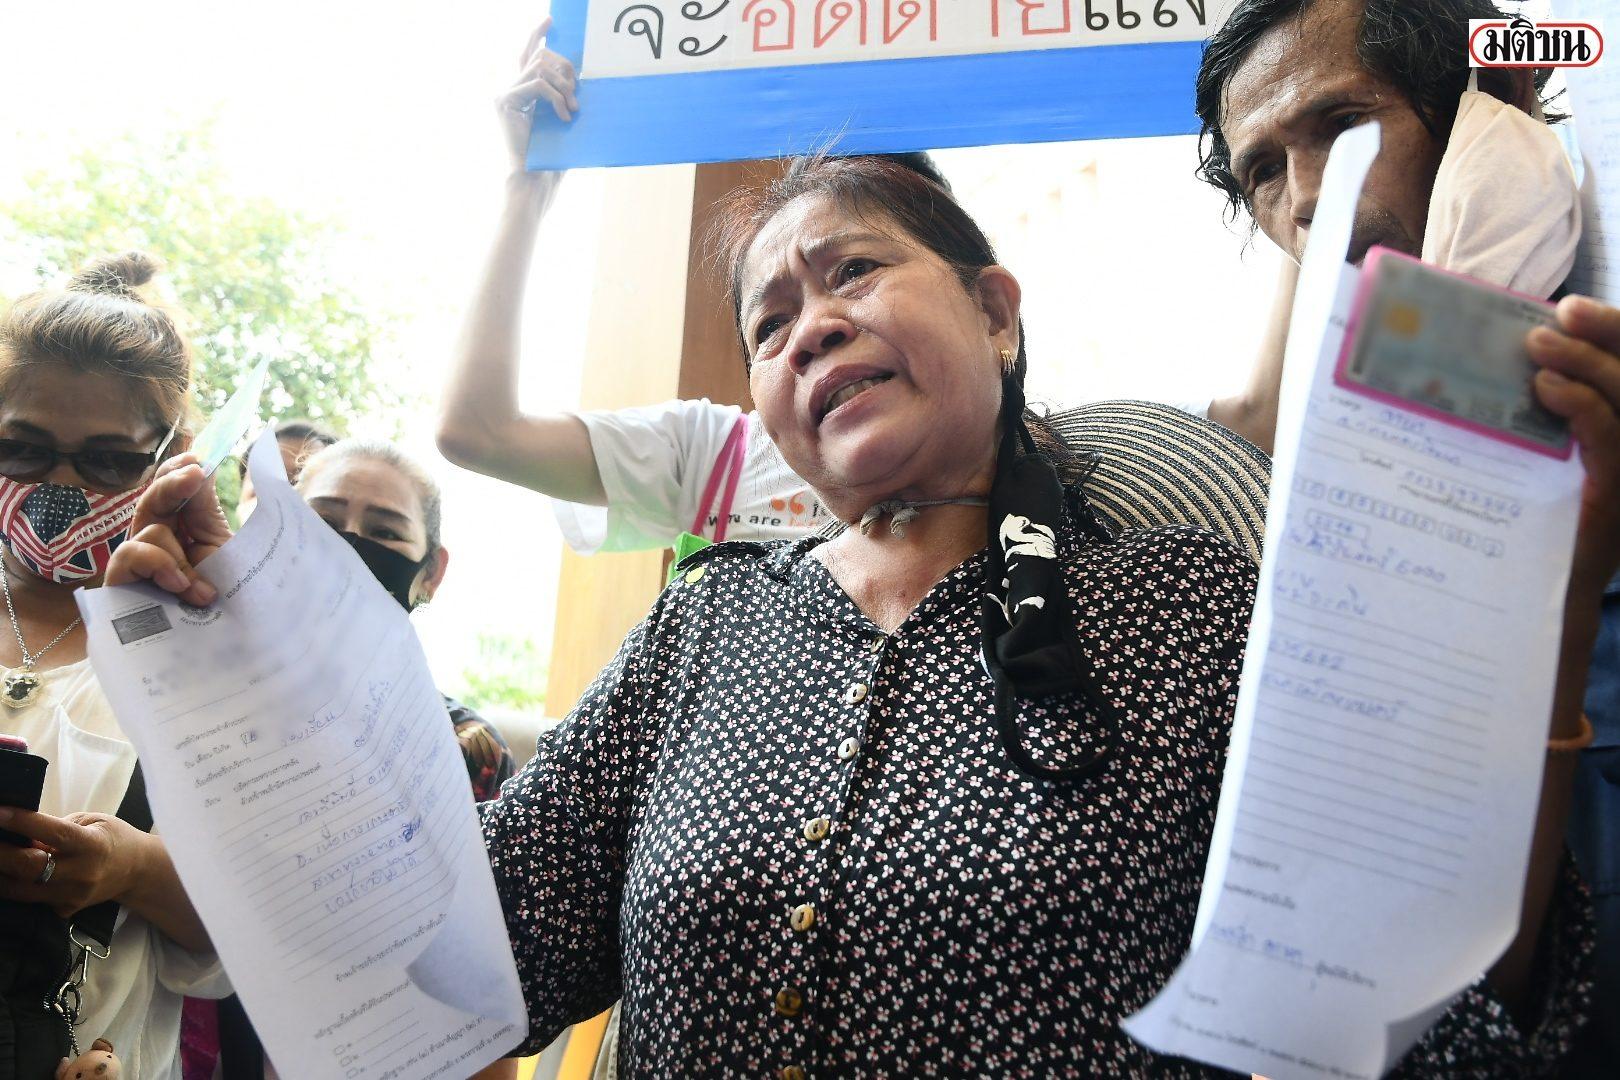 มวลชนทะลักกรมประชาสัมพันธ์ ร้องเรียนเงินเยียวยาโควิด 5 พัน คุณป้าโชว์เอกสาร-ร้องนายกฯช่วยทั้งน้ำตา